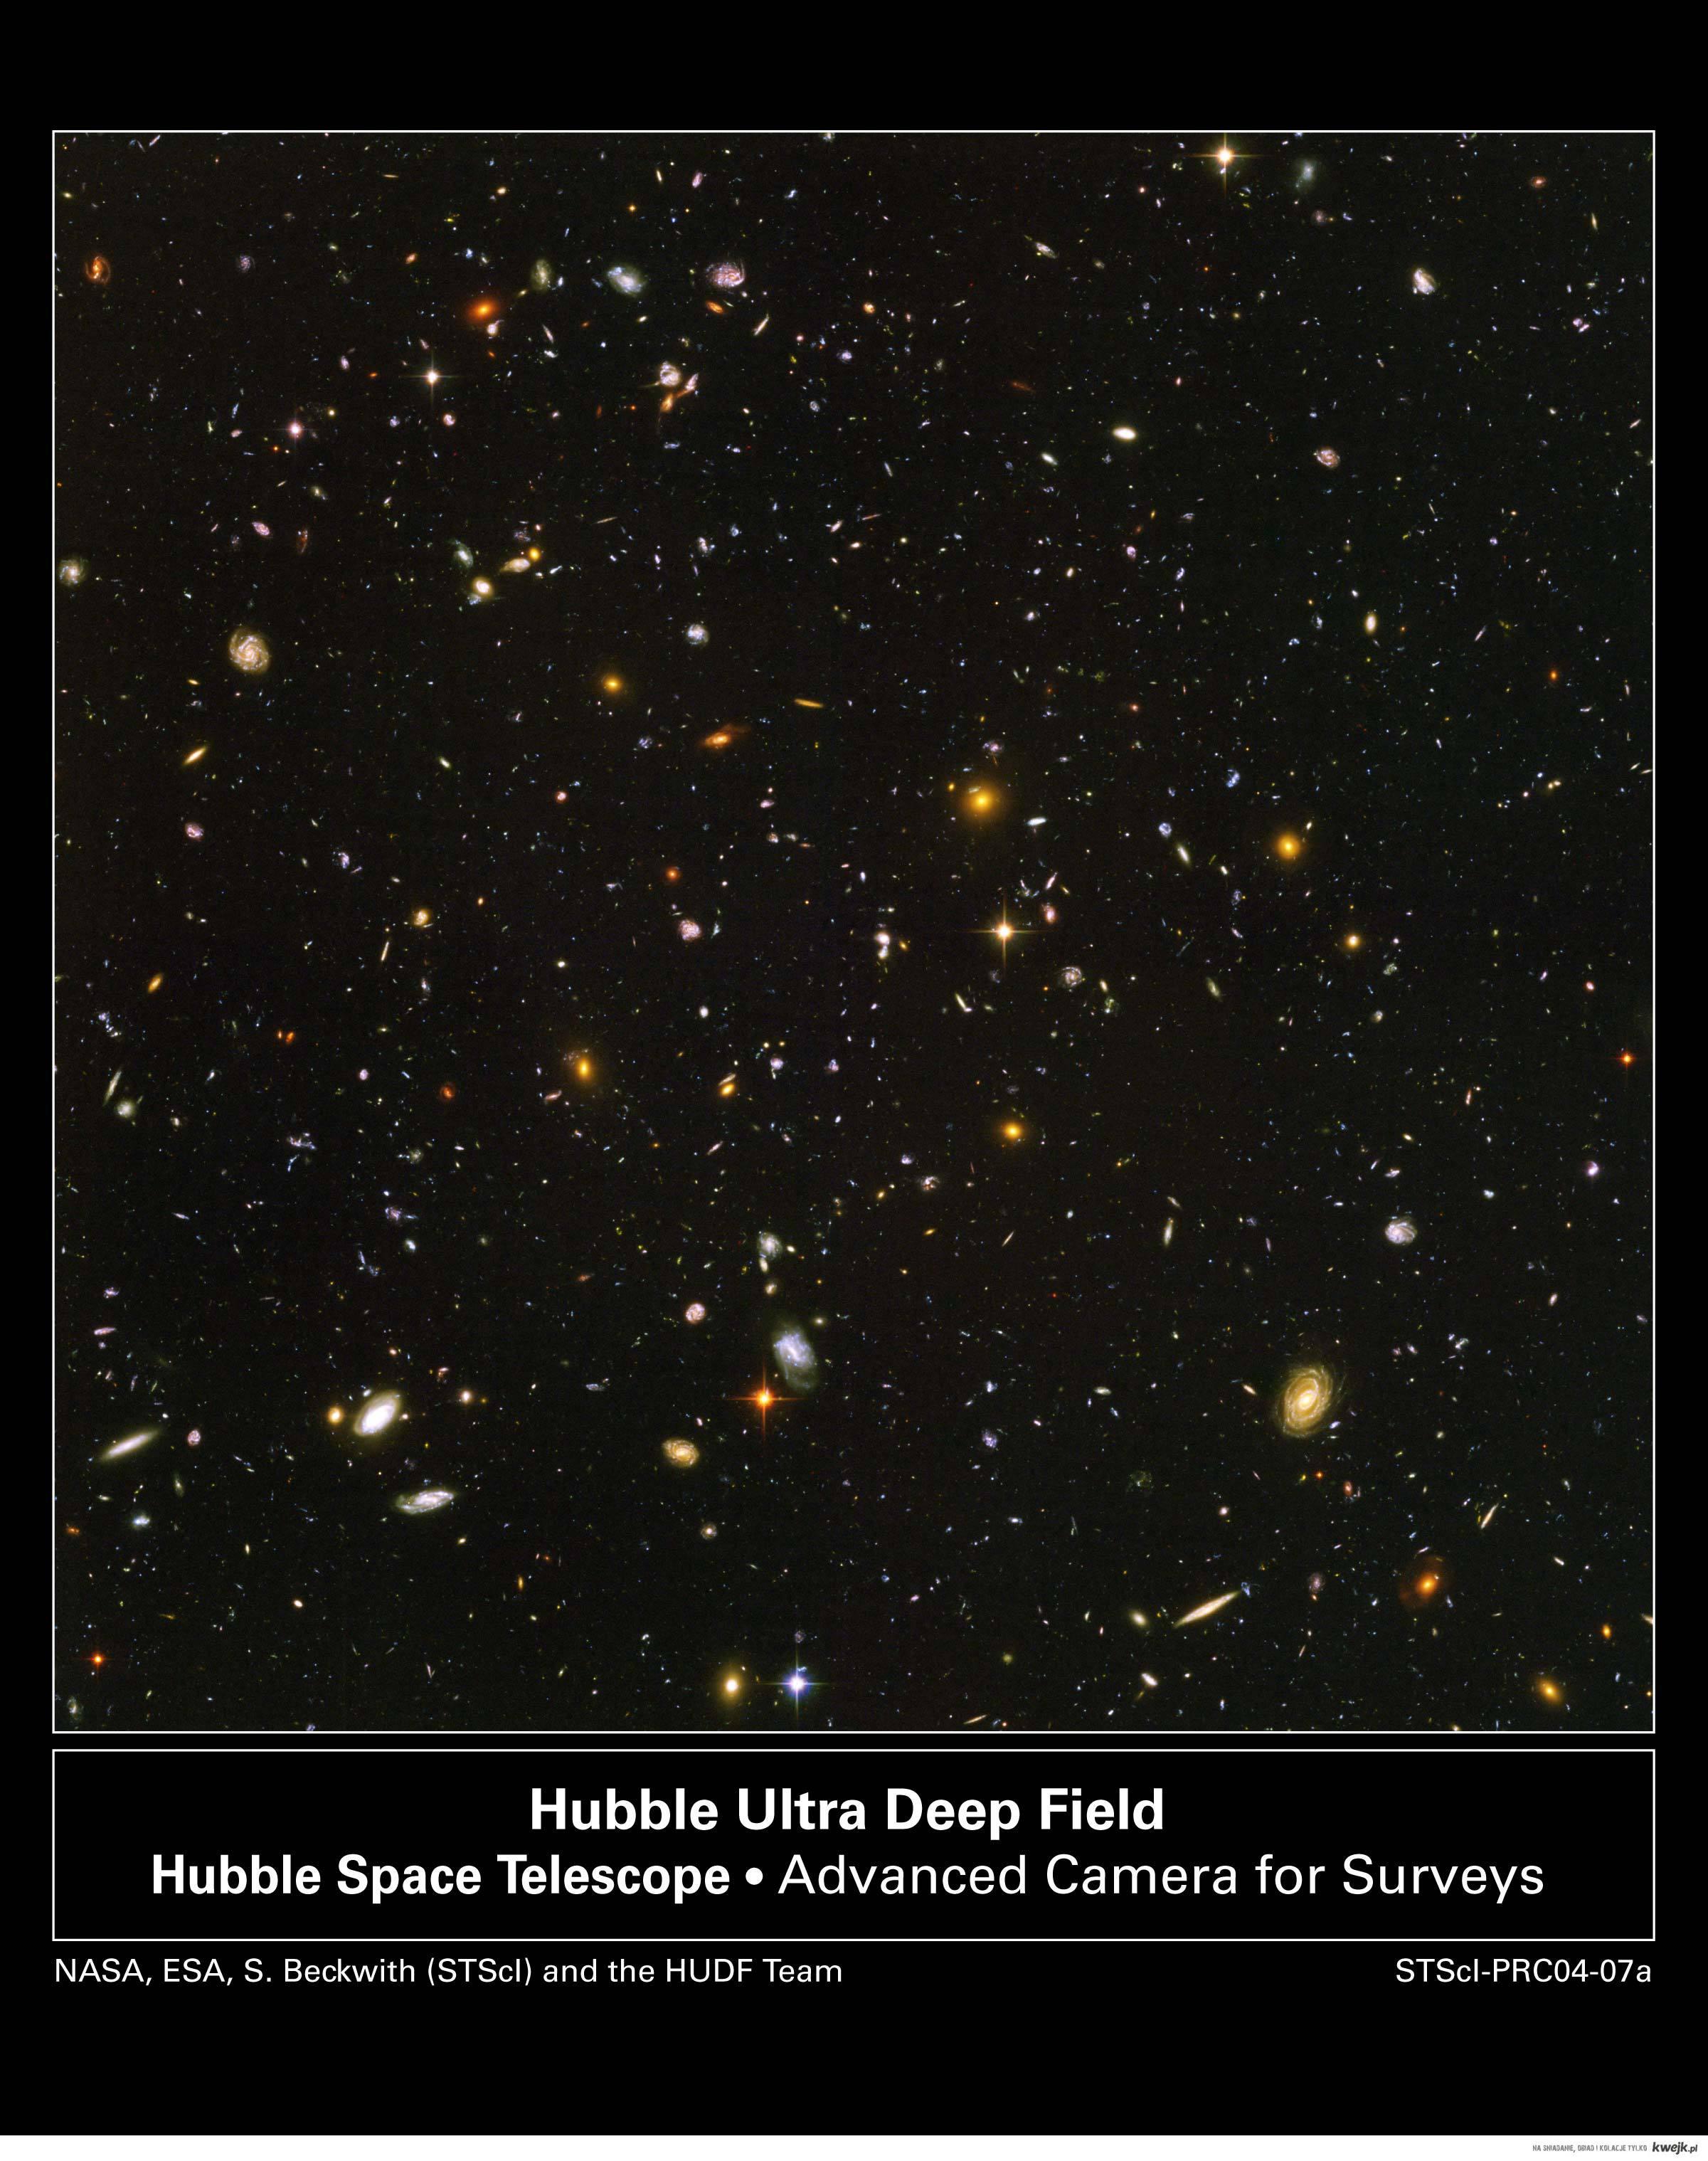 Układy Słoneczne widziane teleskopem Hubbla